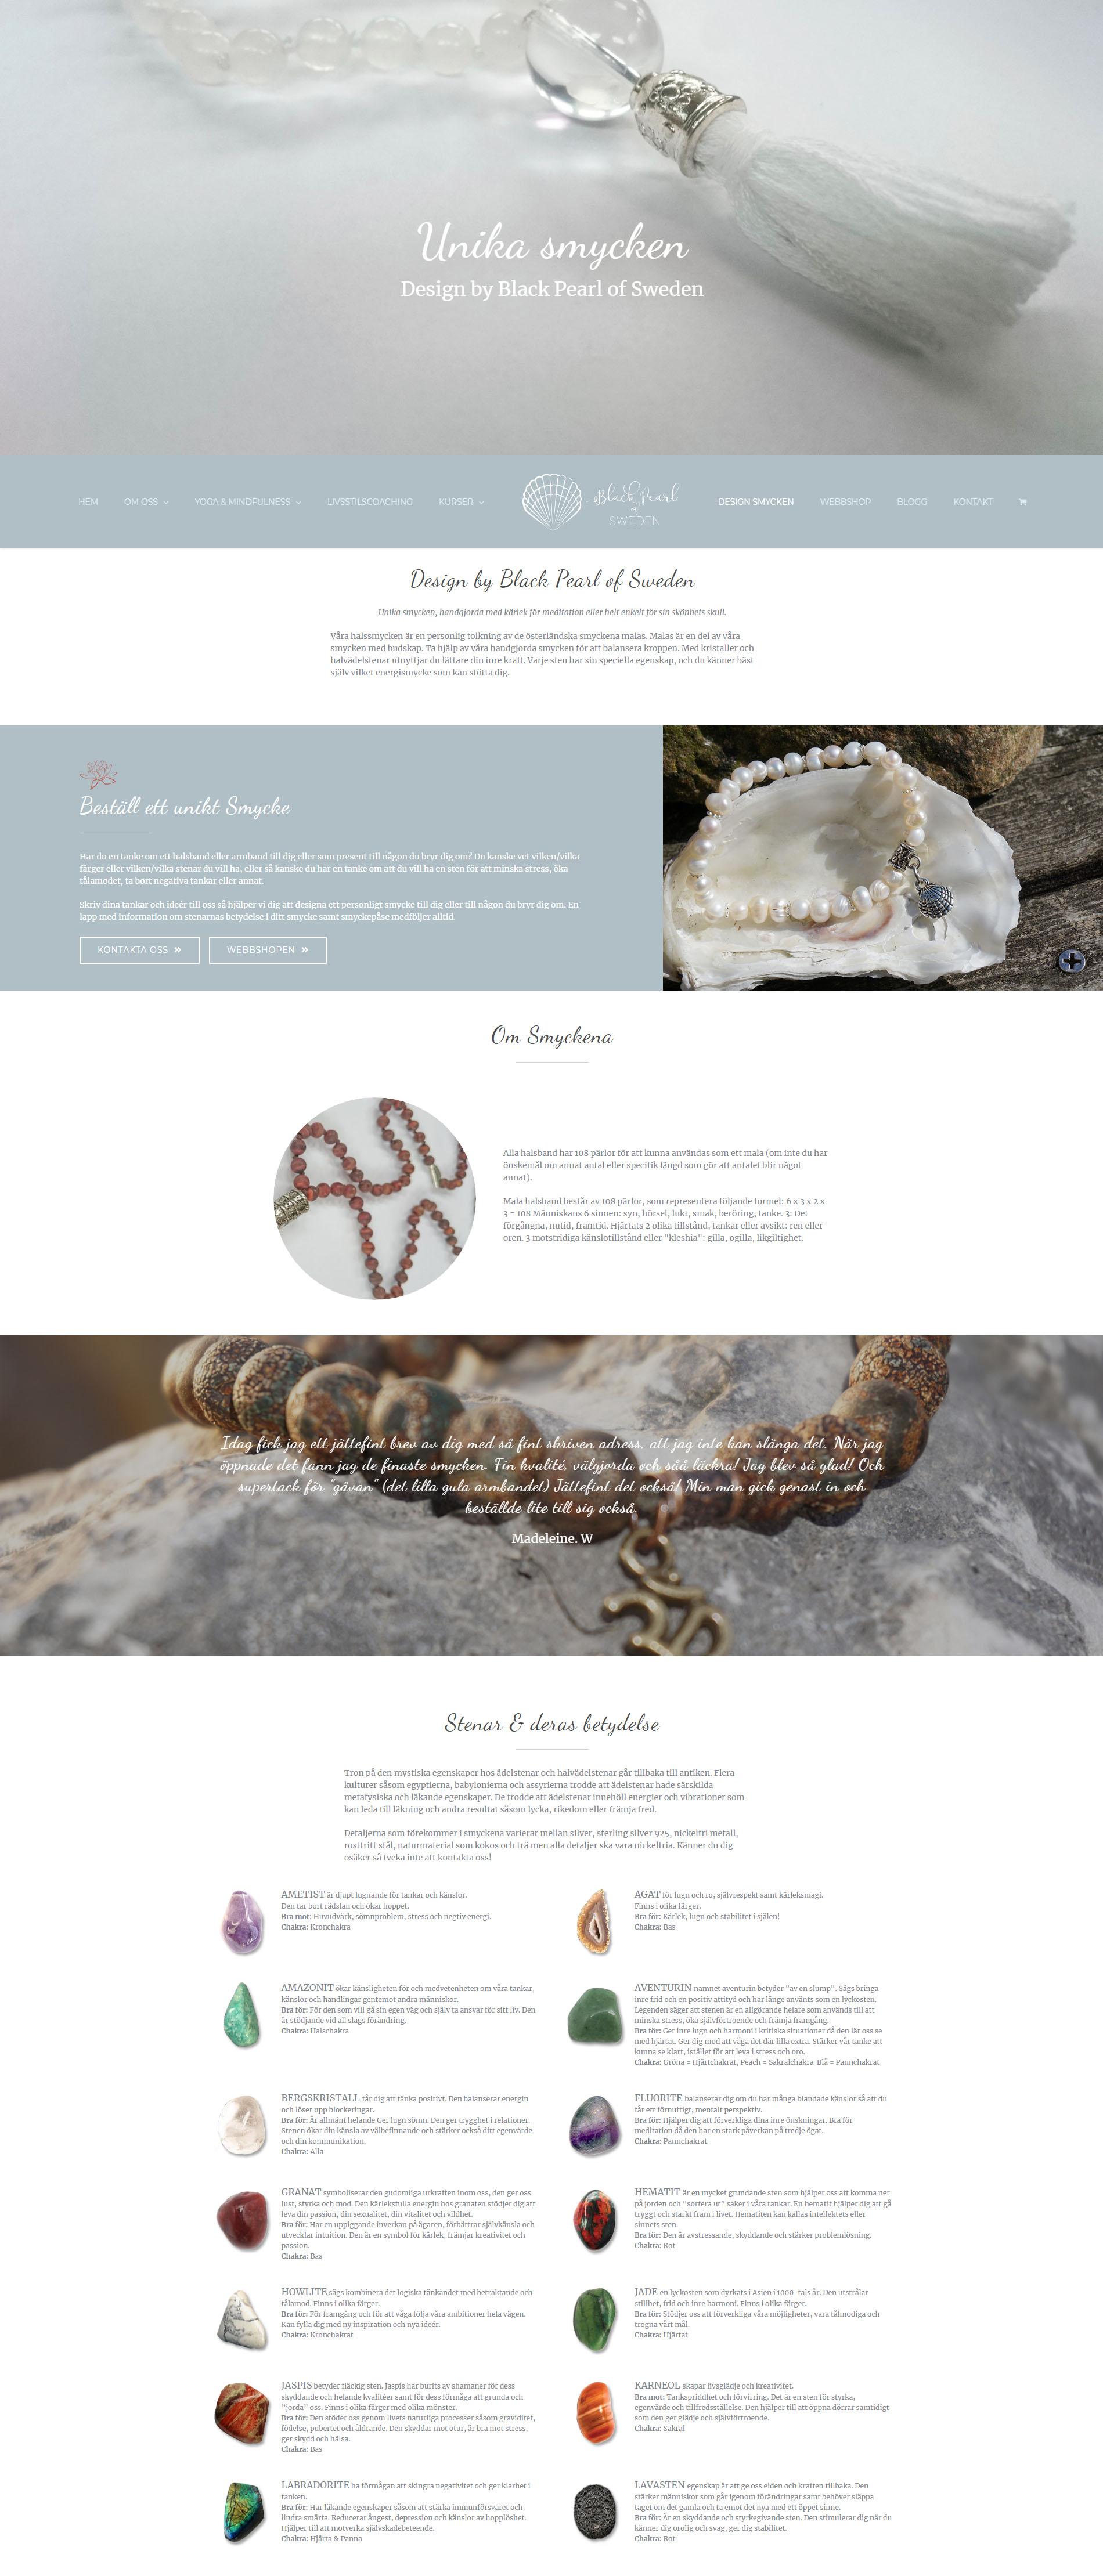 Black Pearl of Sweden Webbdesign